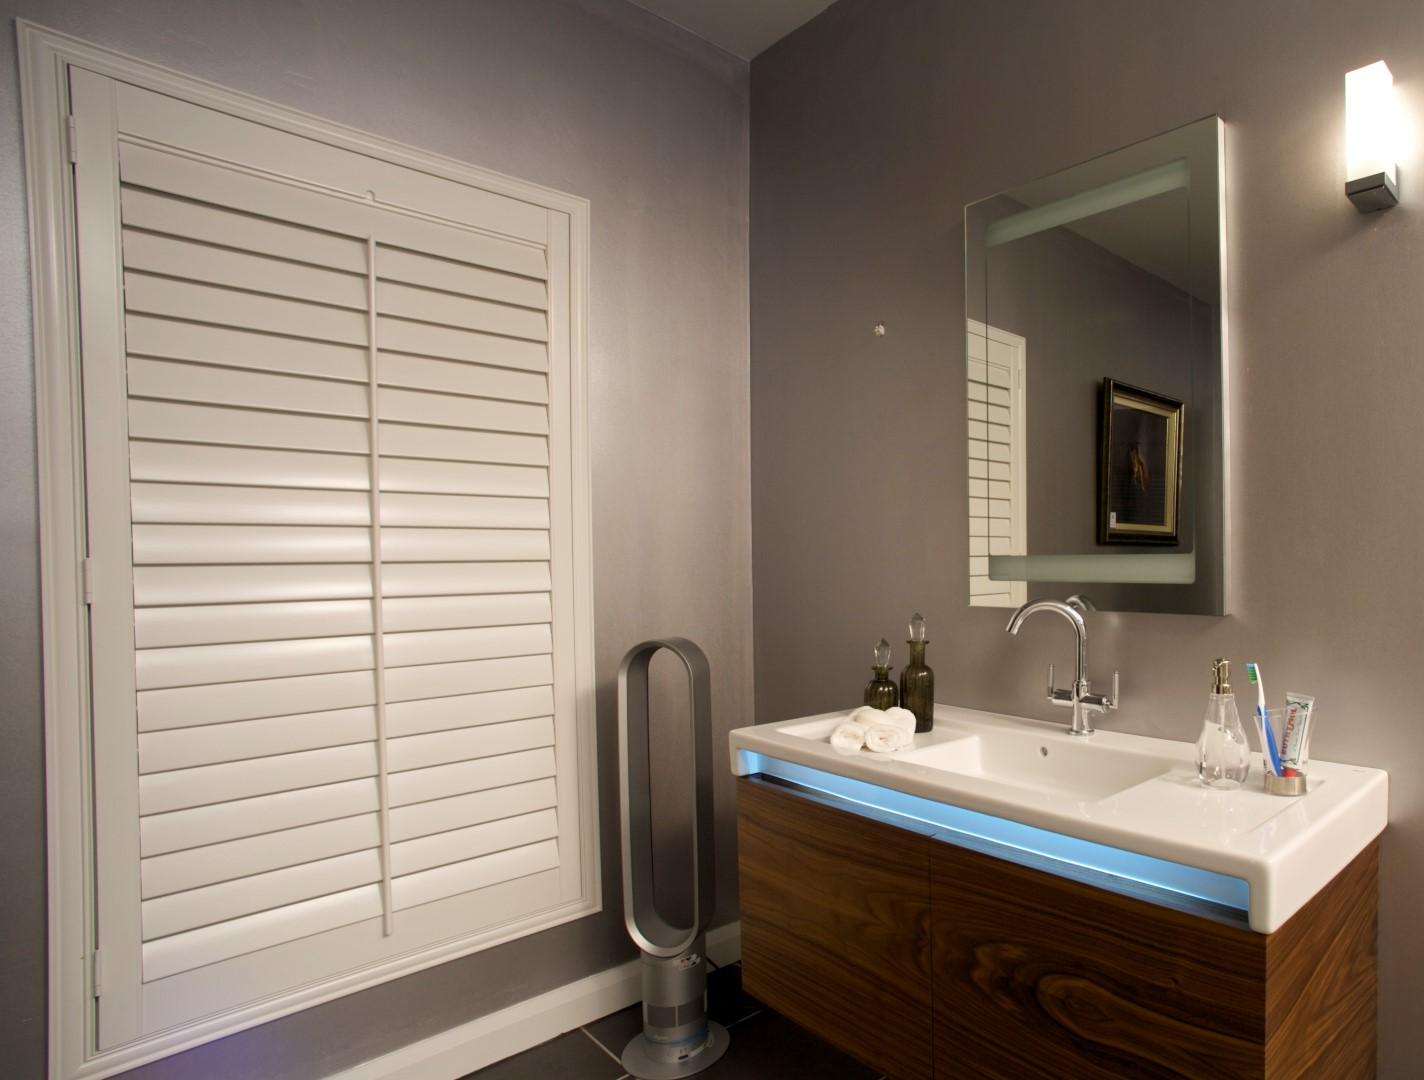 Full Length Shutter Blinds in a Bathroom